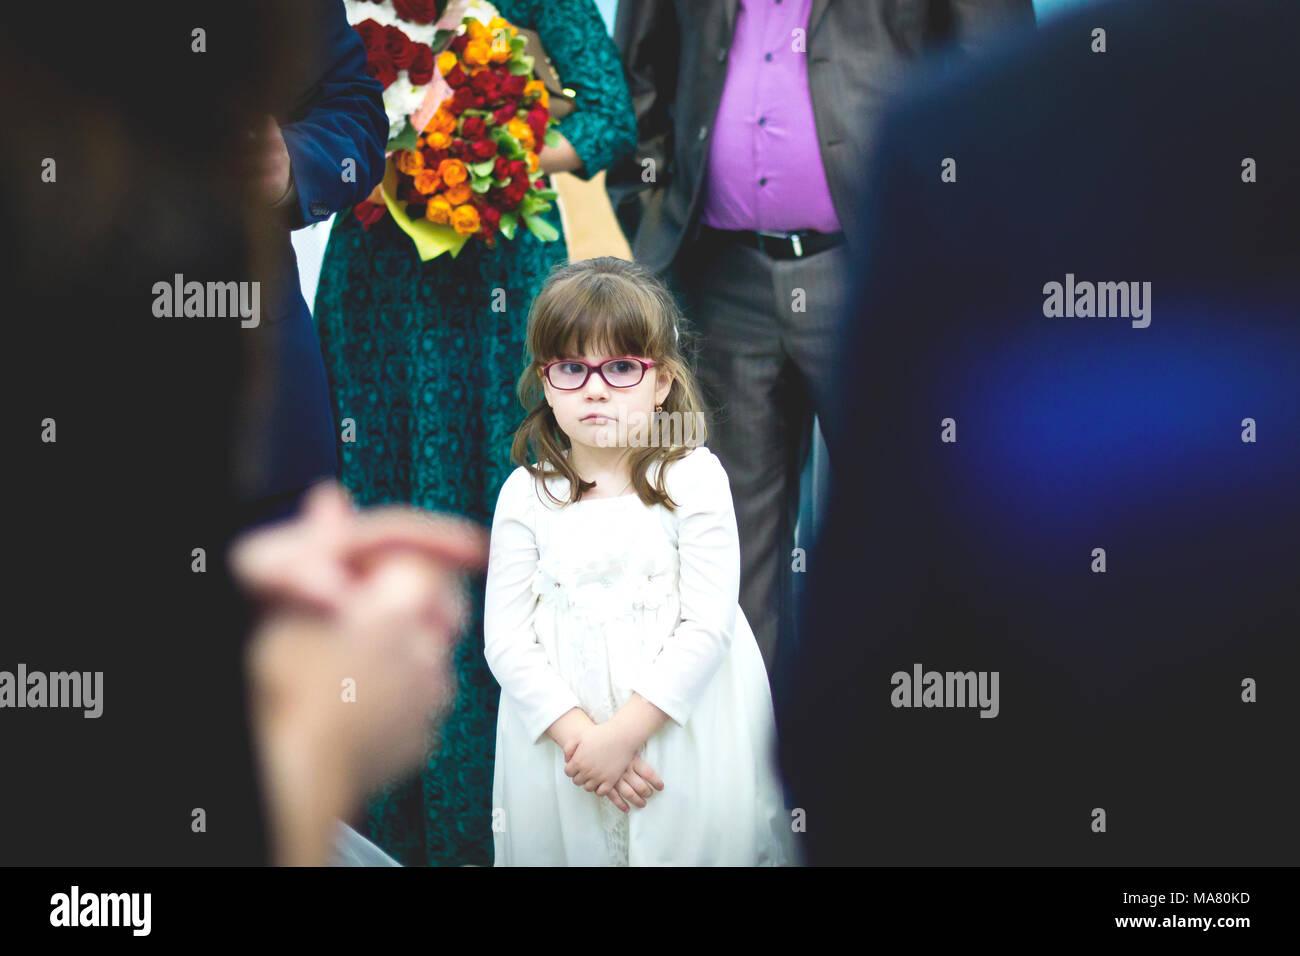 Traurige kleine Mädchen in weißem Kleid in der Menge bei der ...